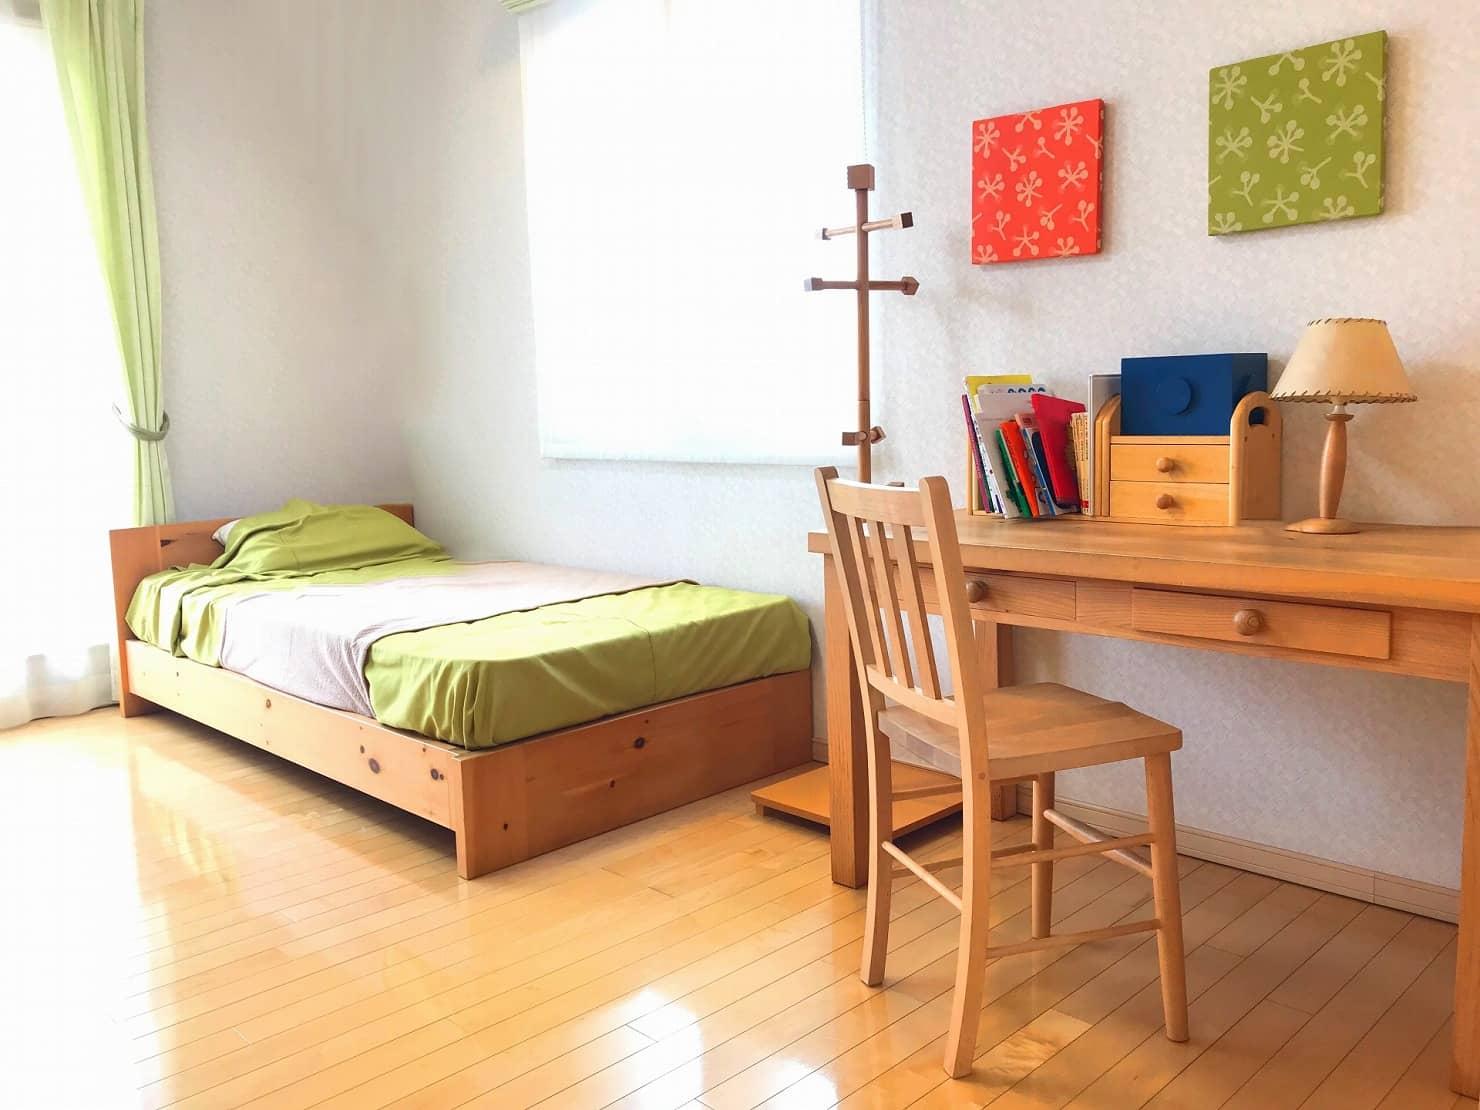 長く使うならIKEAの子供用ベッドがおすすめ! ラインナップと選び方